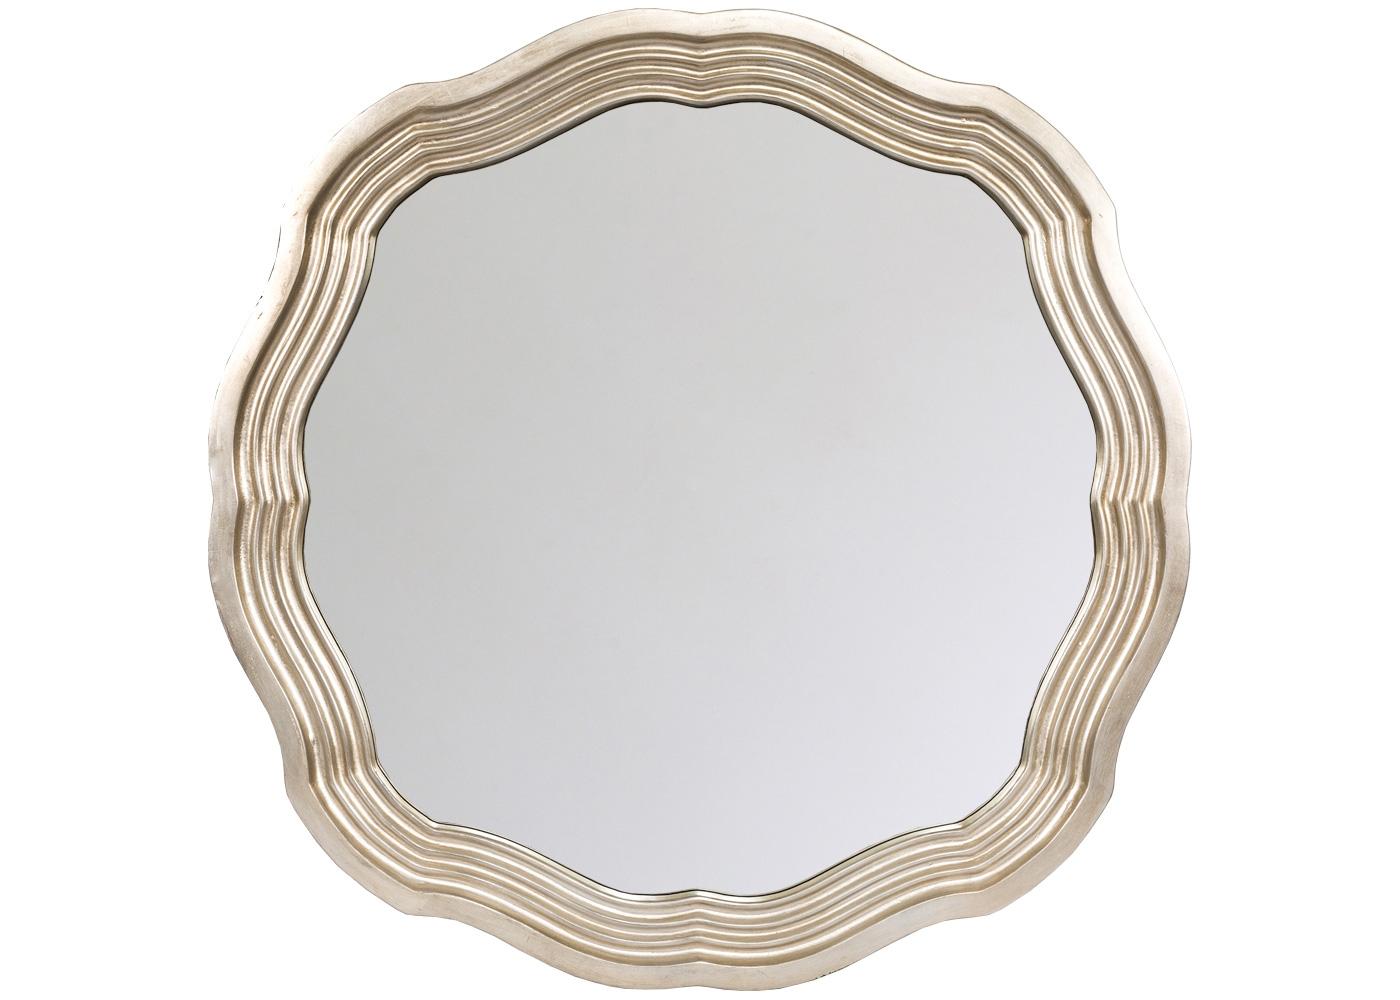 Настенное зеркало «Коктейль»Настенные зеркала<br>Каскад тонких граней и нежный платиновый оттенок акцентируют глубину и простор, открытые интерьеру зеркалом &amp;quot;Коктейль&amp;quot;. Рациональный размер и безмятежная волнистая форма рекомендуют это зеркало гостиной и столовой, спальне и ванной комнате, холлу и прихожей, городской квартире и загородному дому. Рама изготовлена из полиуретана, - экологически безвредного, прочного и долговечного материала. Полиуретан достоверно имитирует любые материалы. На первый взгляд, оправа &amp;quot;Коктейль&amp;quot; не отличается от металлической.<br><br>Material: Полиуретан<br>Ширина см: 83.0<br>Высота см: 83.0<br>Глубина см: 5.5